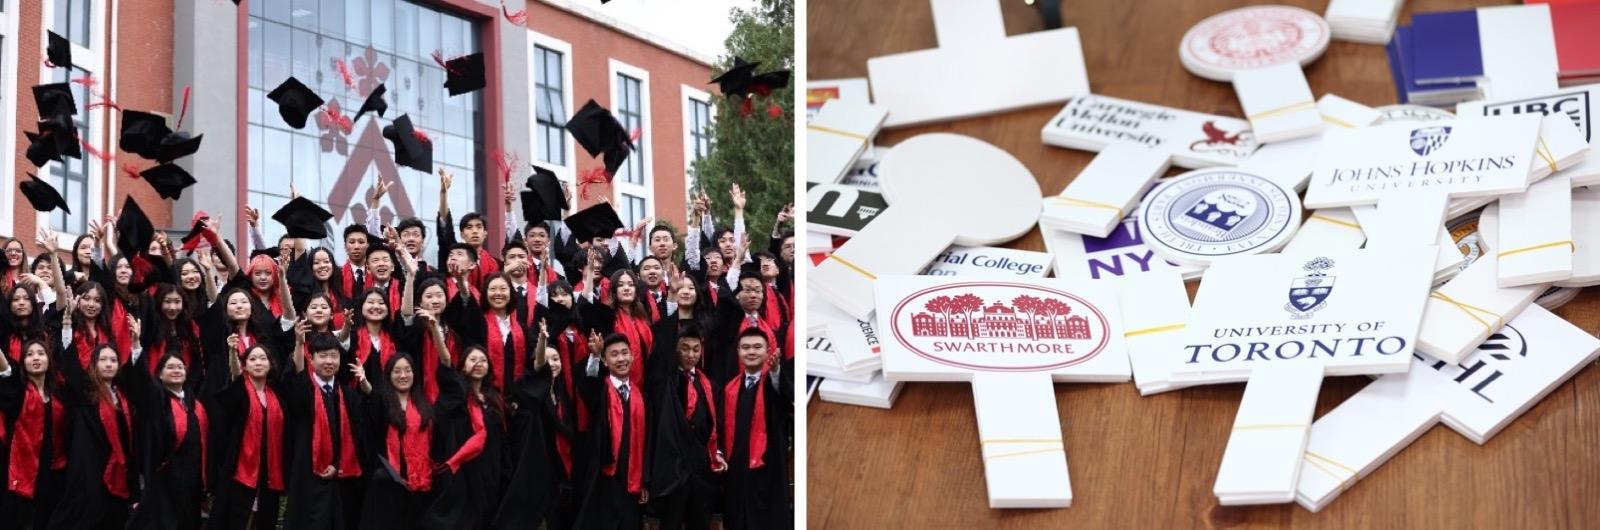 毕业合影和大学